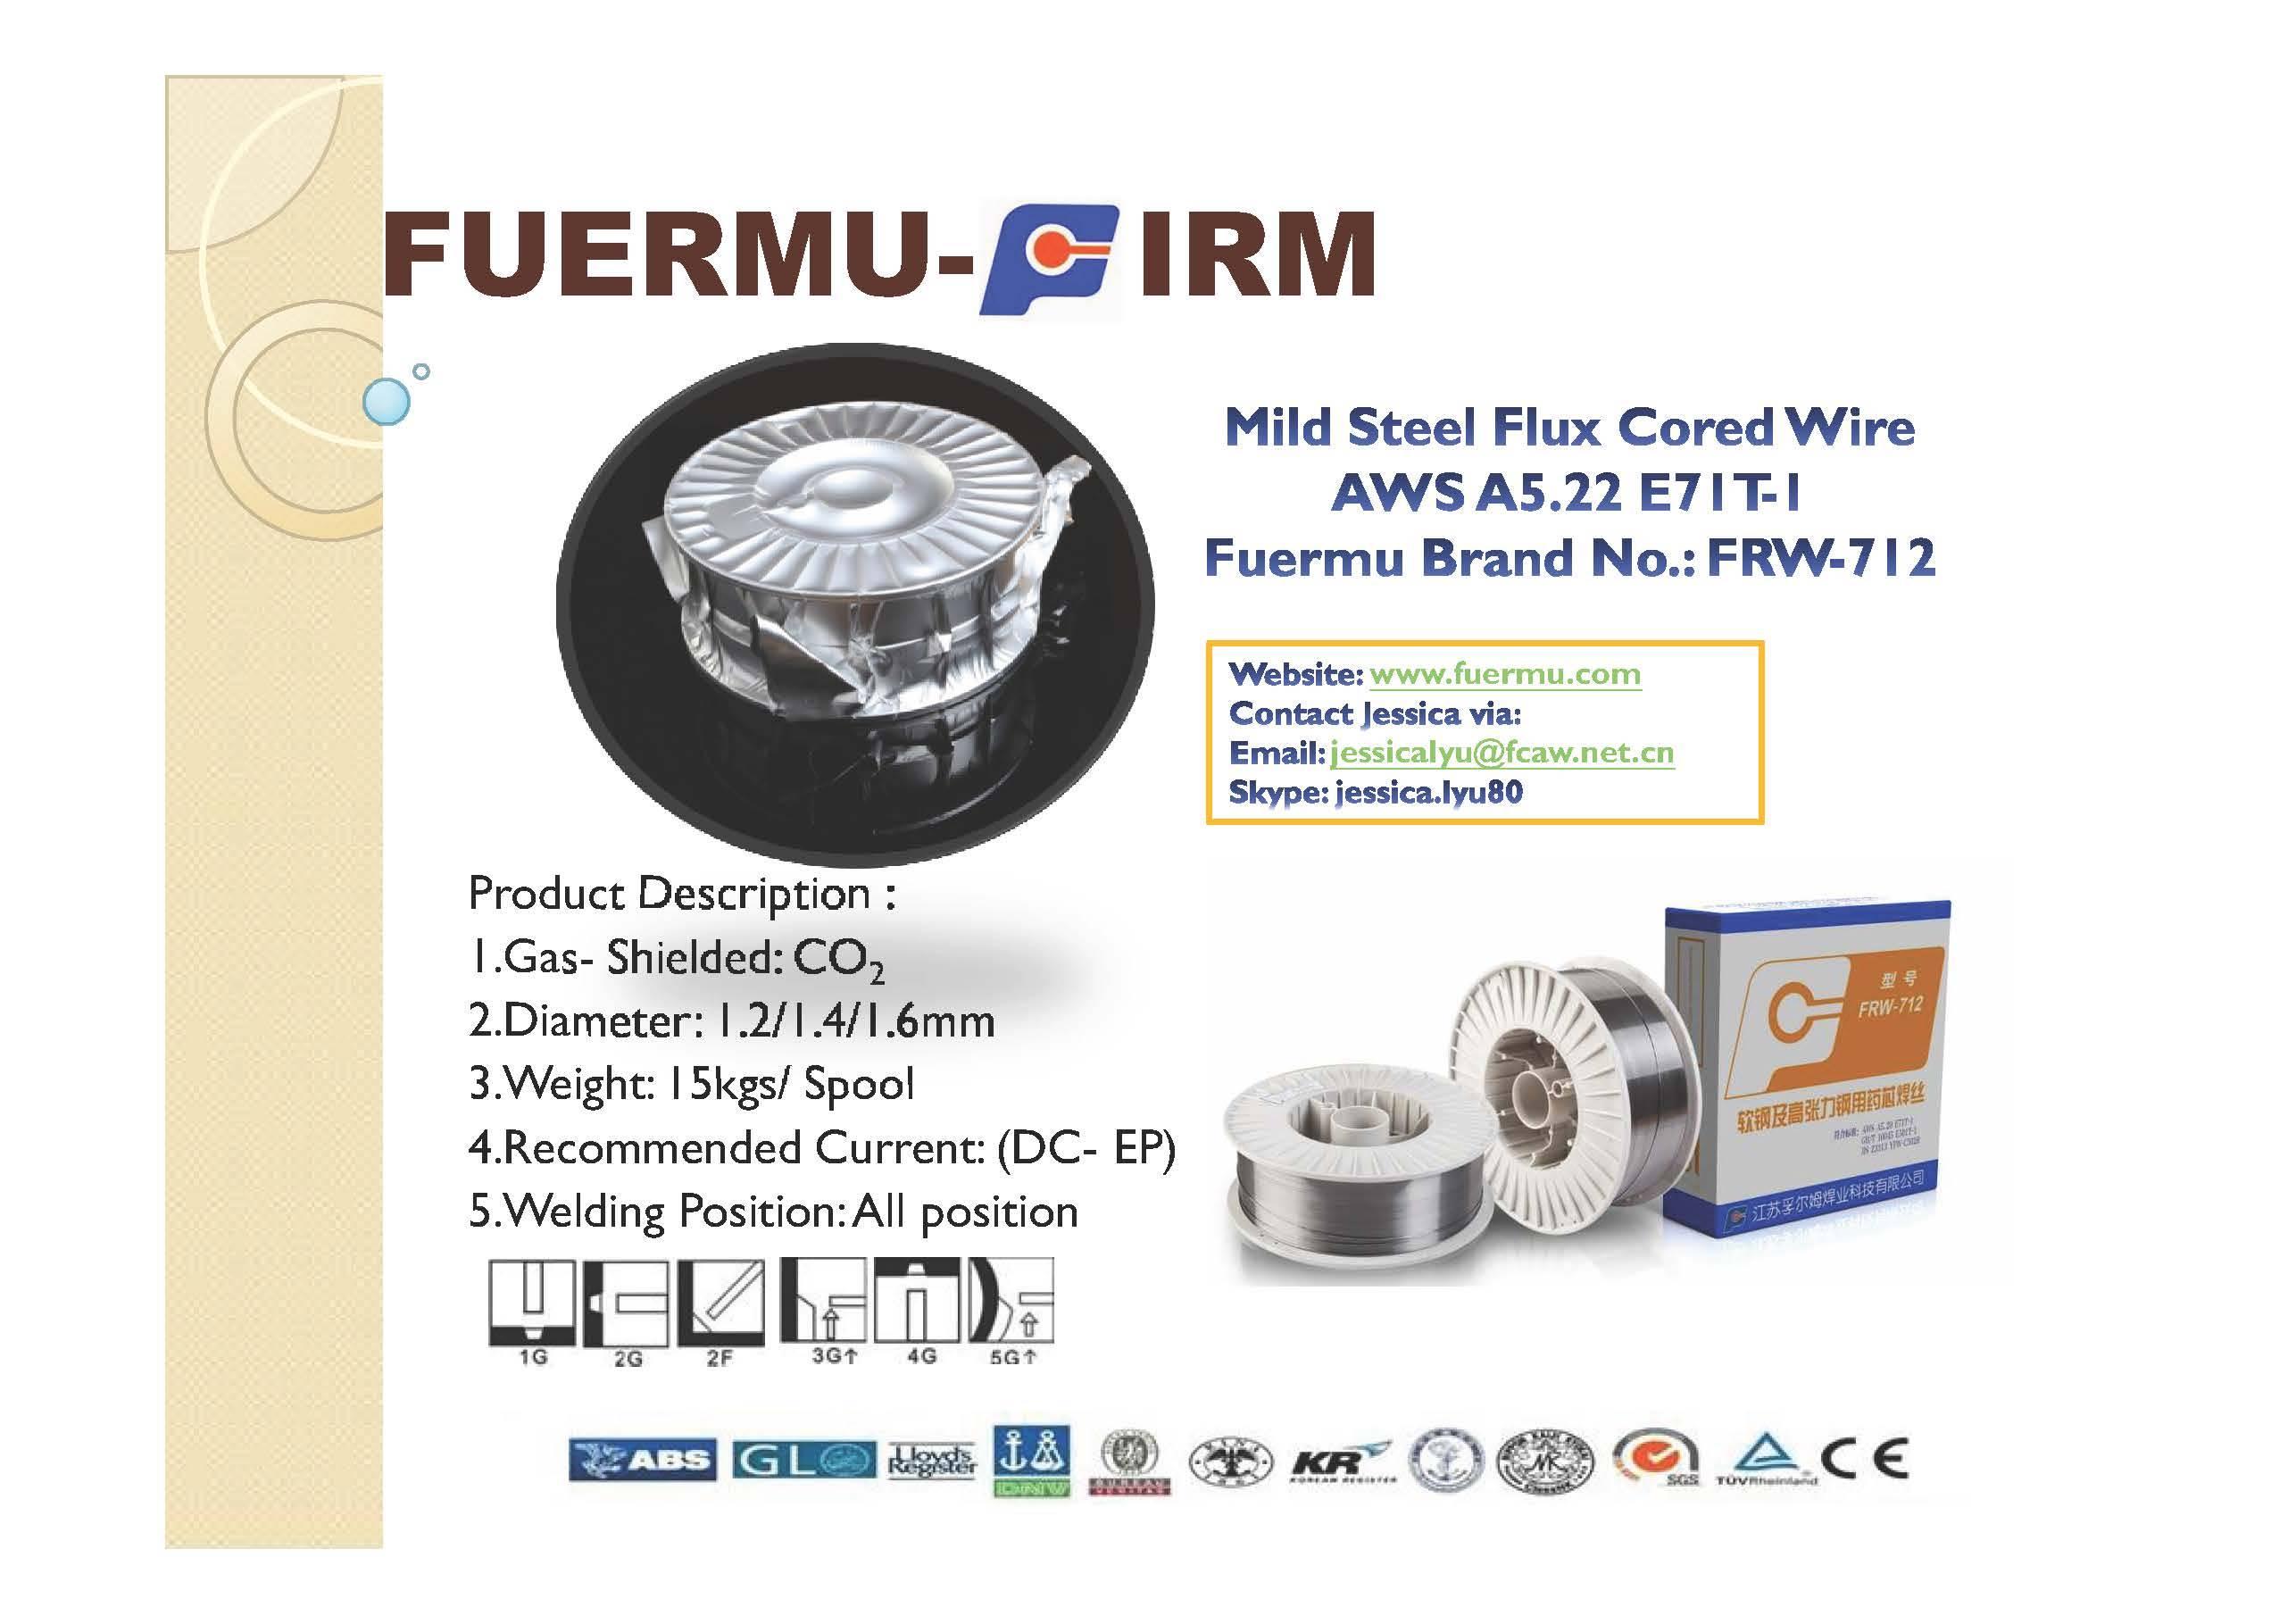 E71T-1 Flux Cored Wire, Fuermu Brand: FRW-712